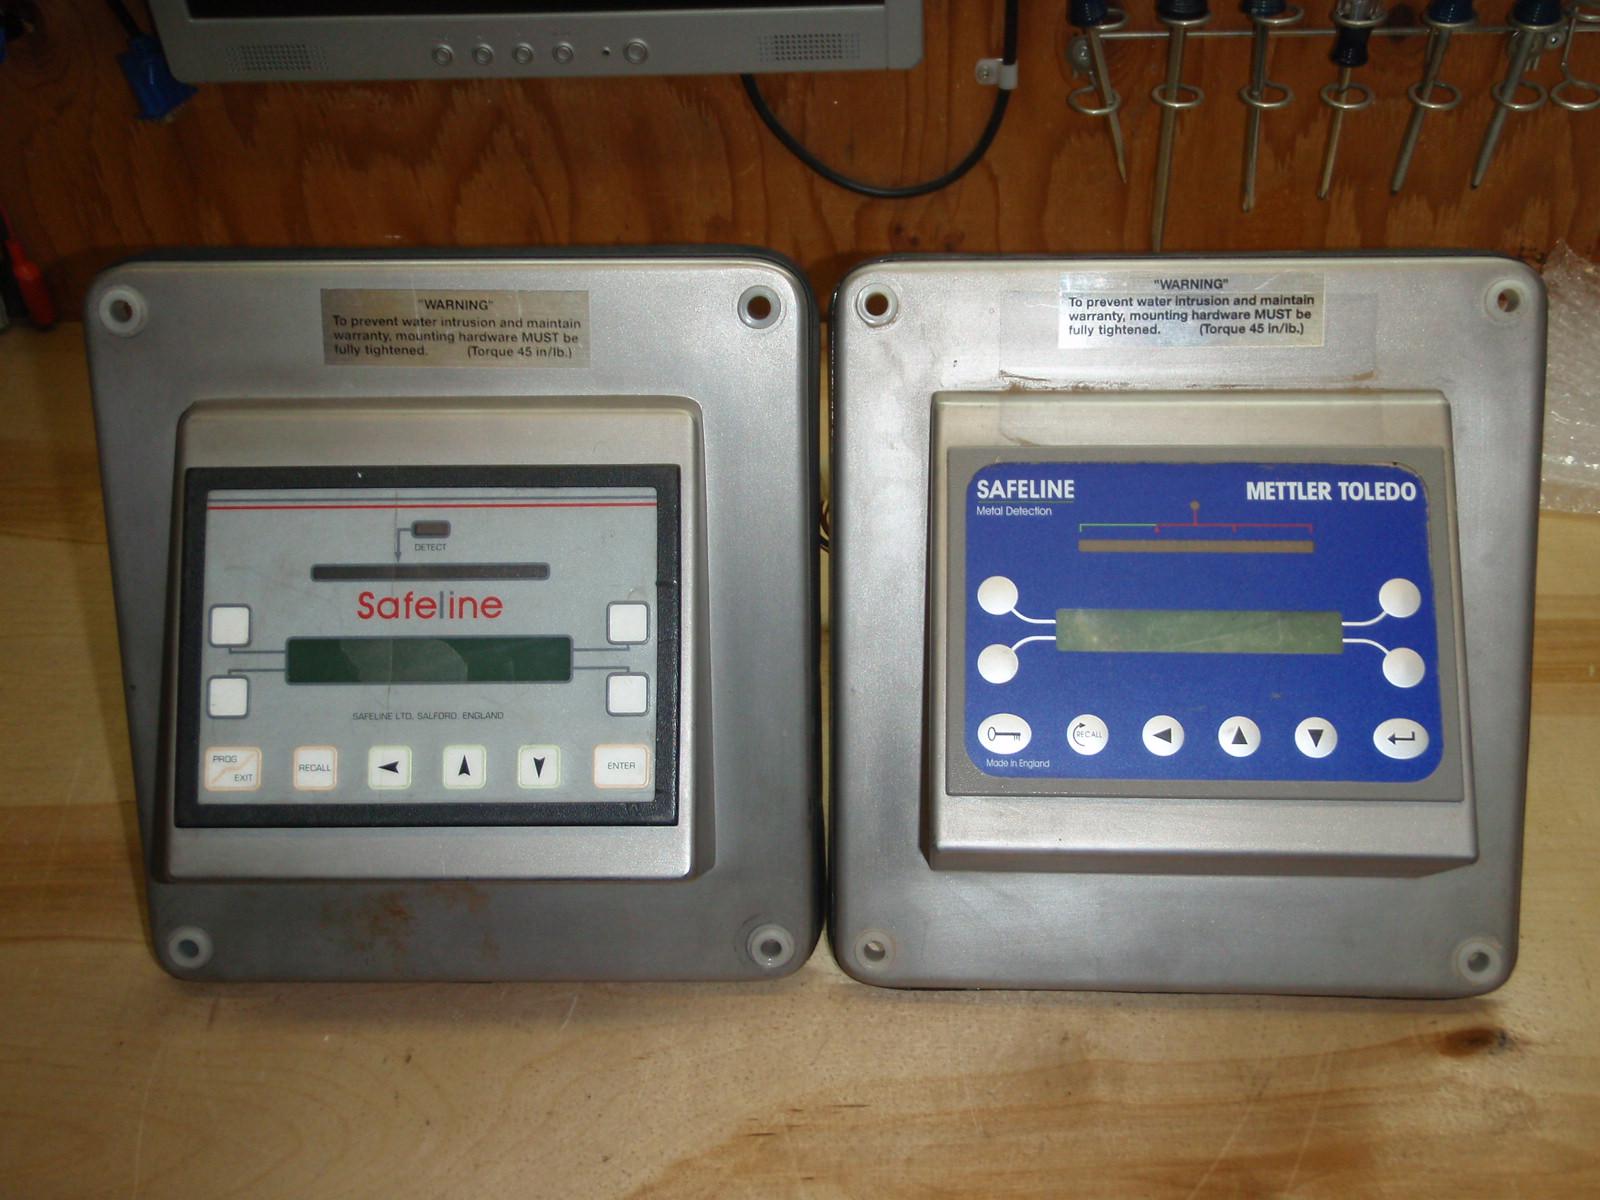 Mettler Toledo Safeline Metal Detectors